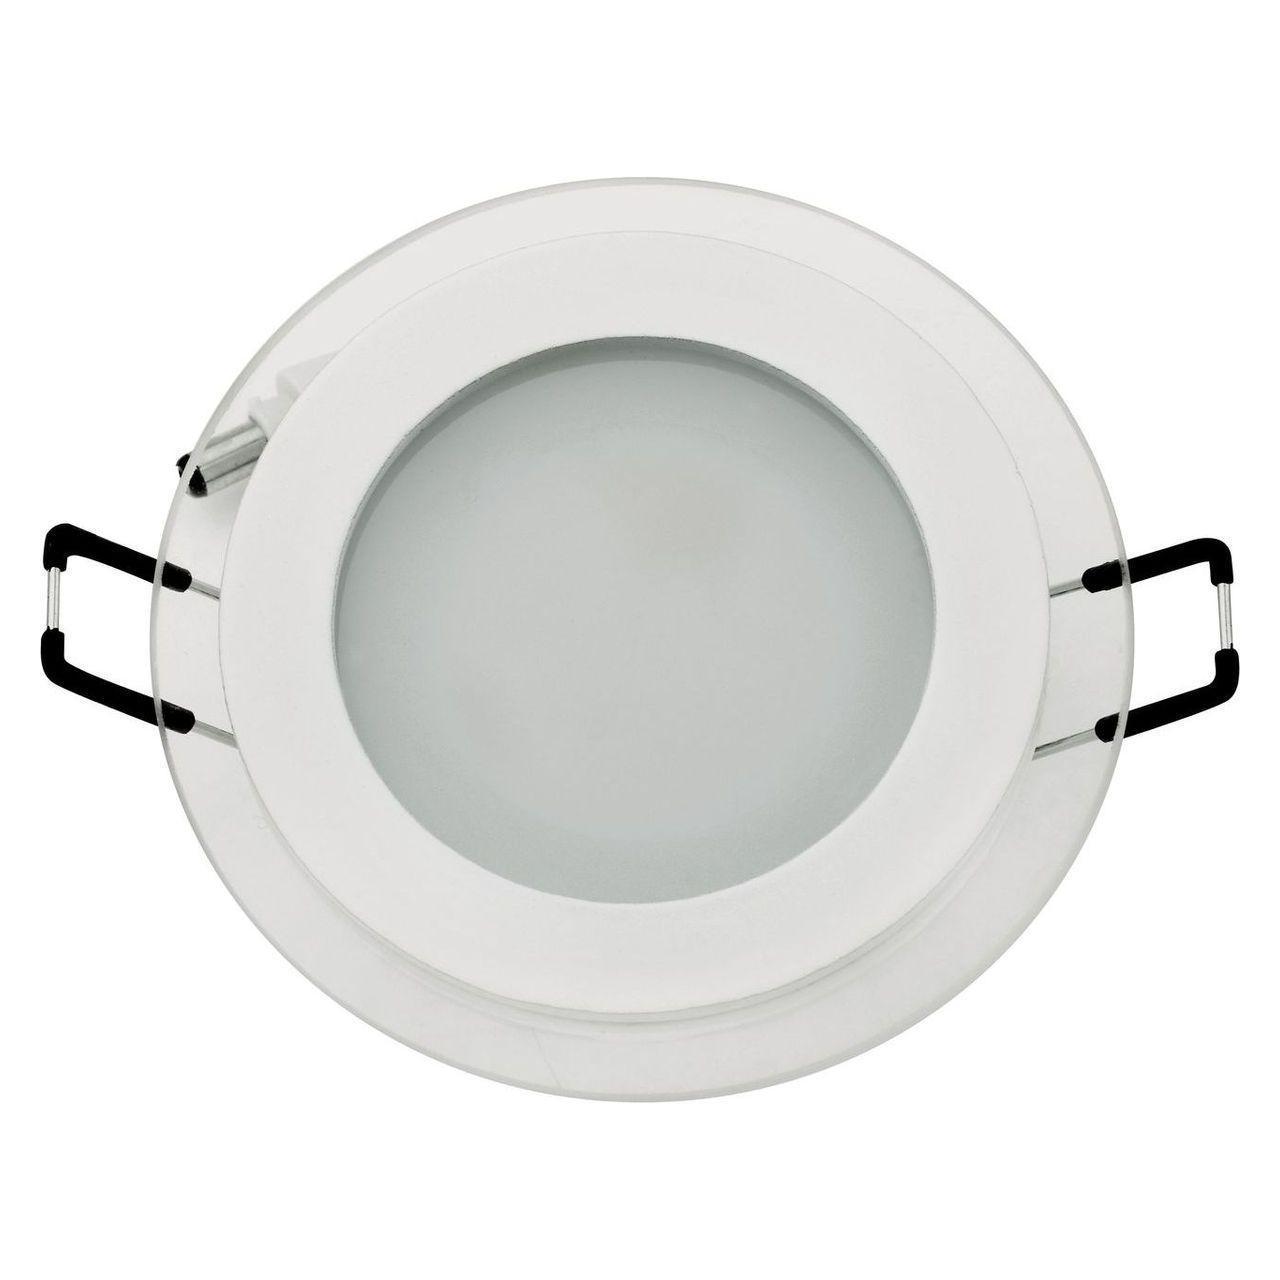 Встраиваемый светодиодный светильник Horoz 6W 3000K белый 016-016-0006 (HL687LG) встраиваемый светодиодный светильник horoz 15w 6000к белый 016 017 0015 hl6756l